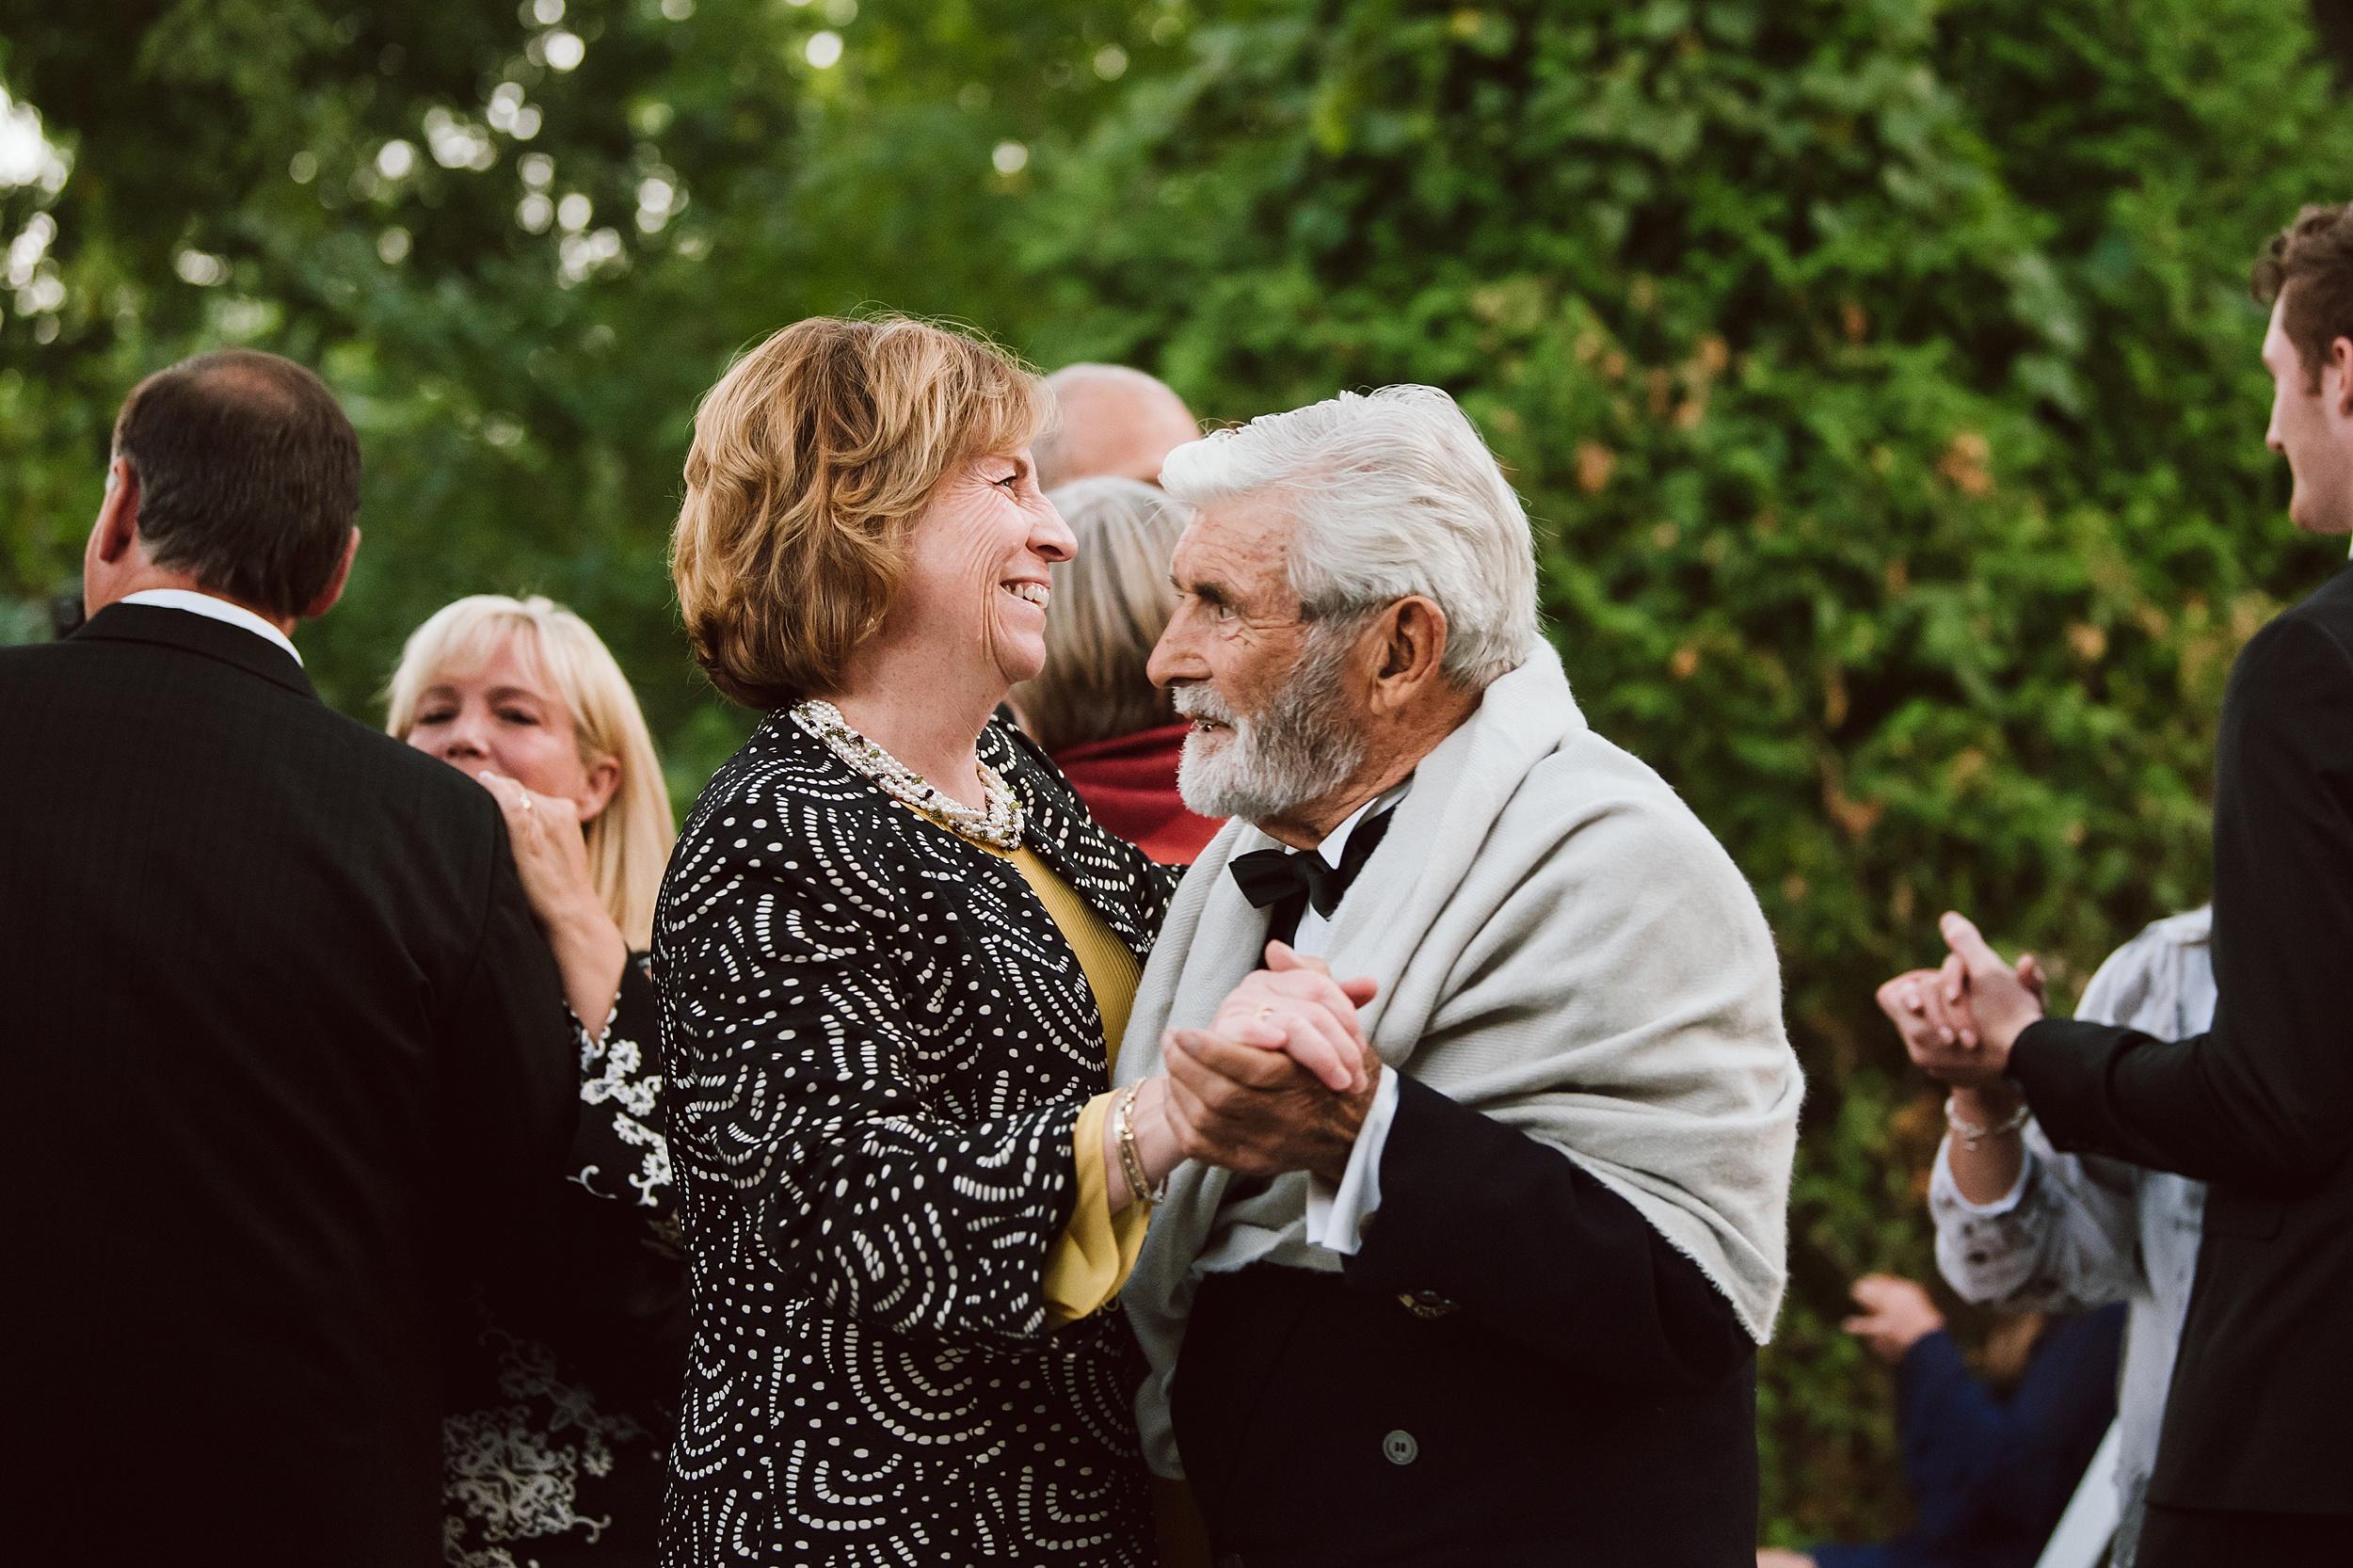 Rustic_Backyard_Wedding_Toronto_Photographer138.jpg